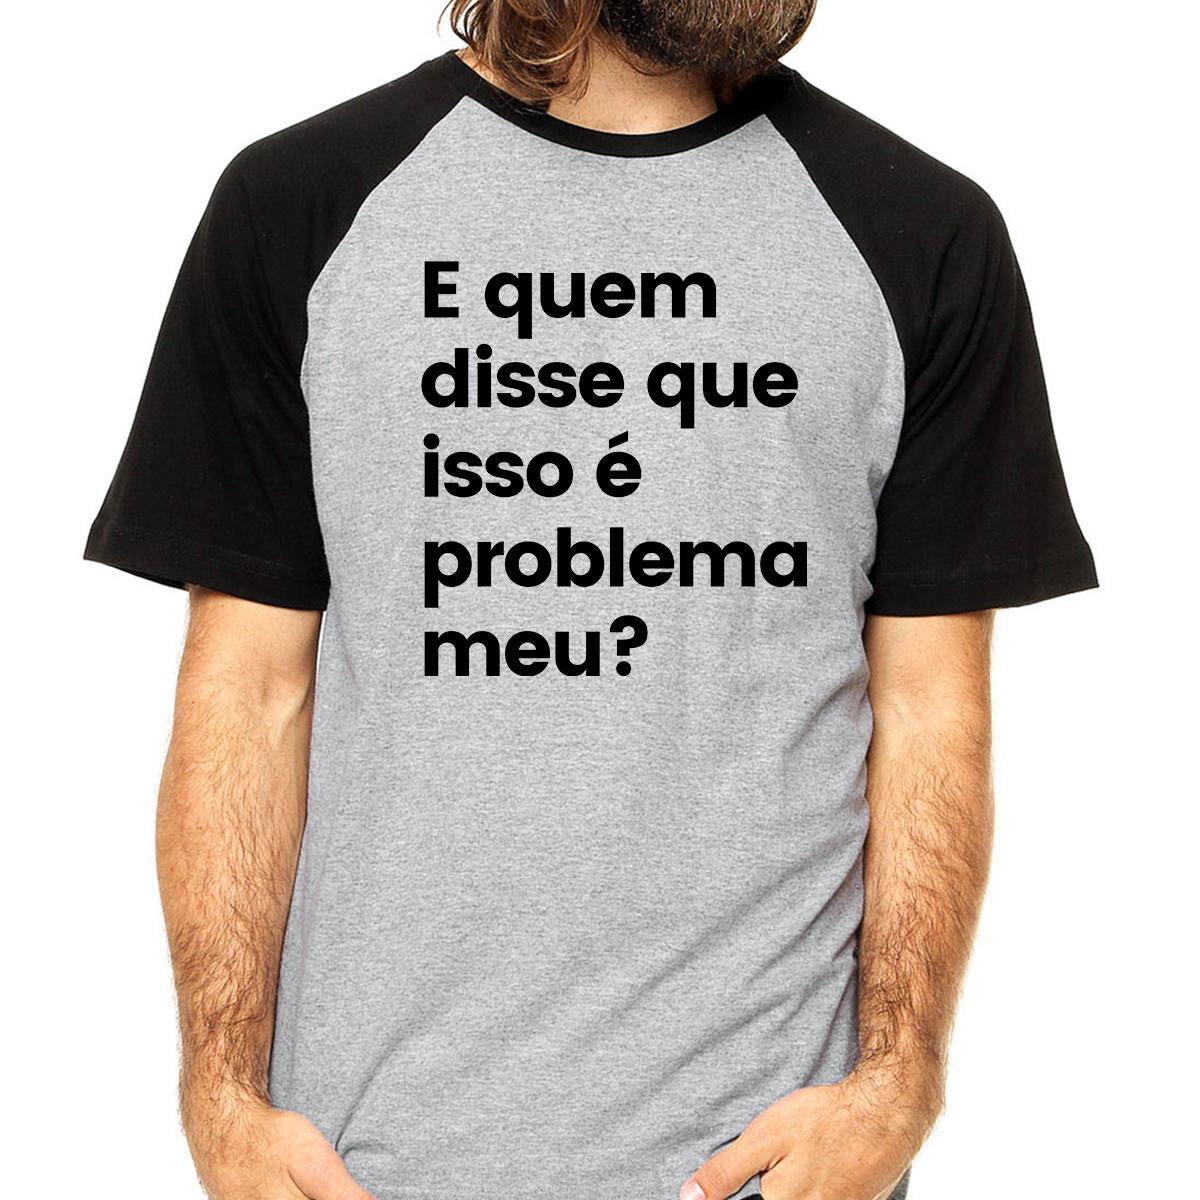 4626d34af Camiseta Raglan Frases E Quem Disse Que Isso é Problema Meu  no Elo7 ...